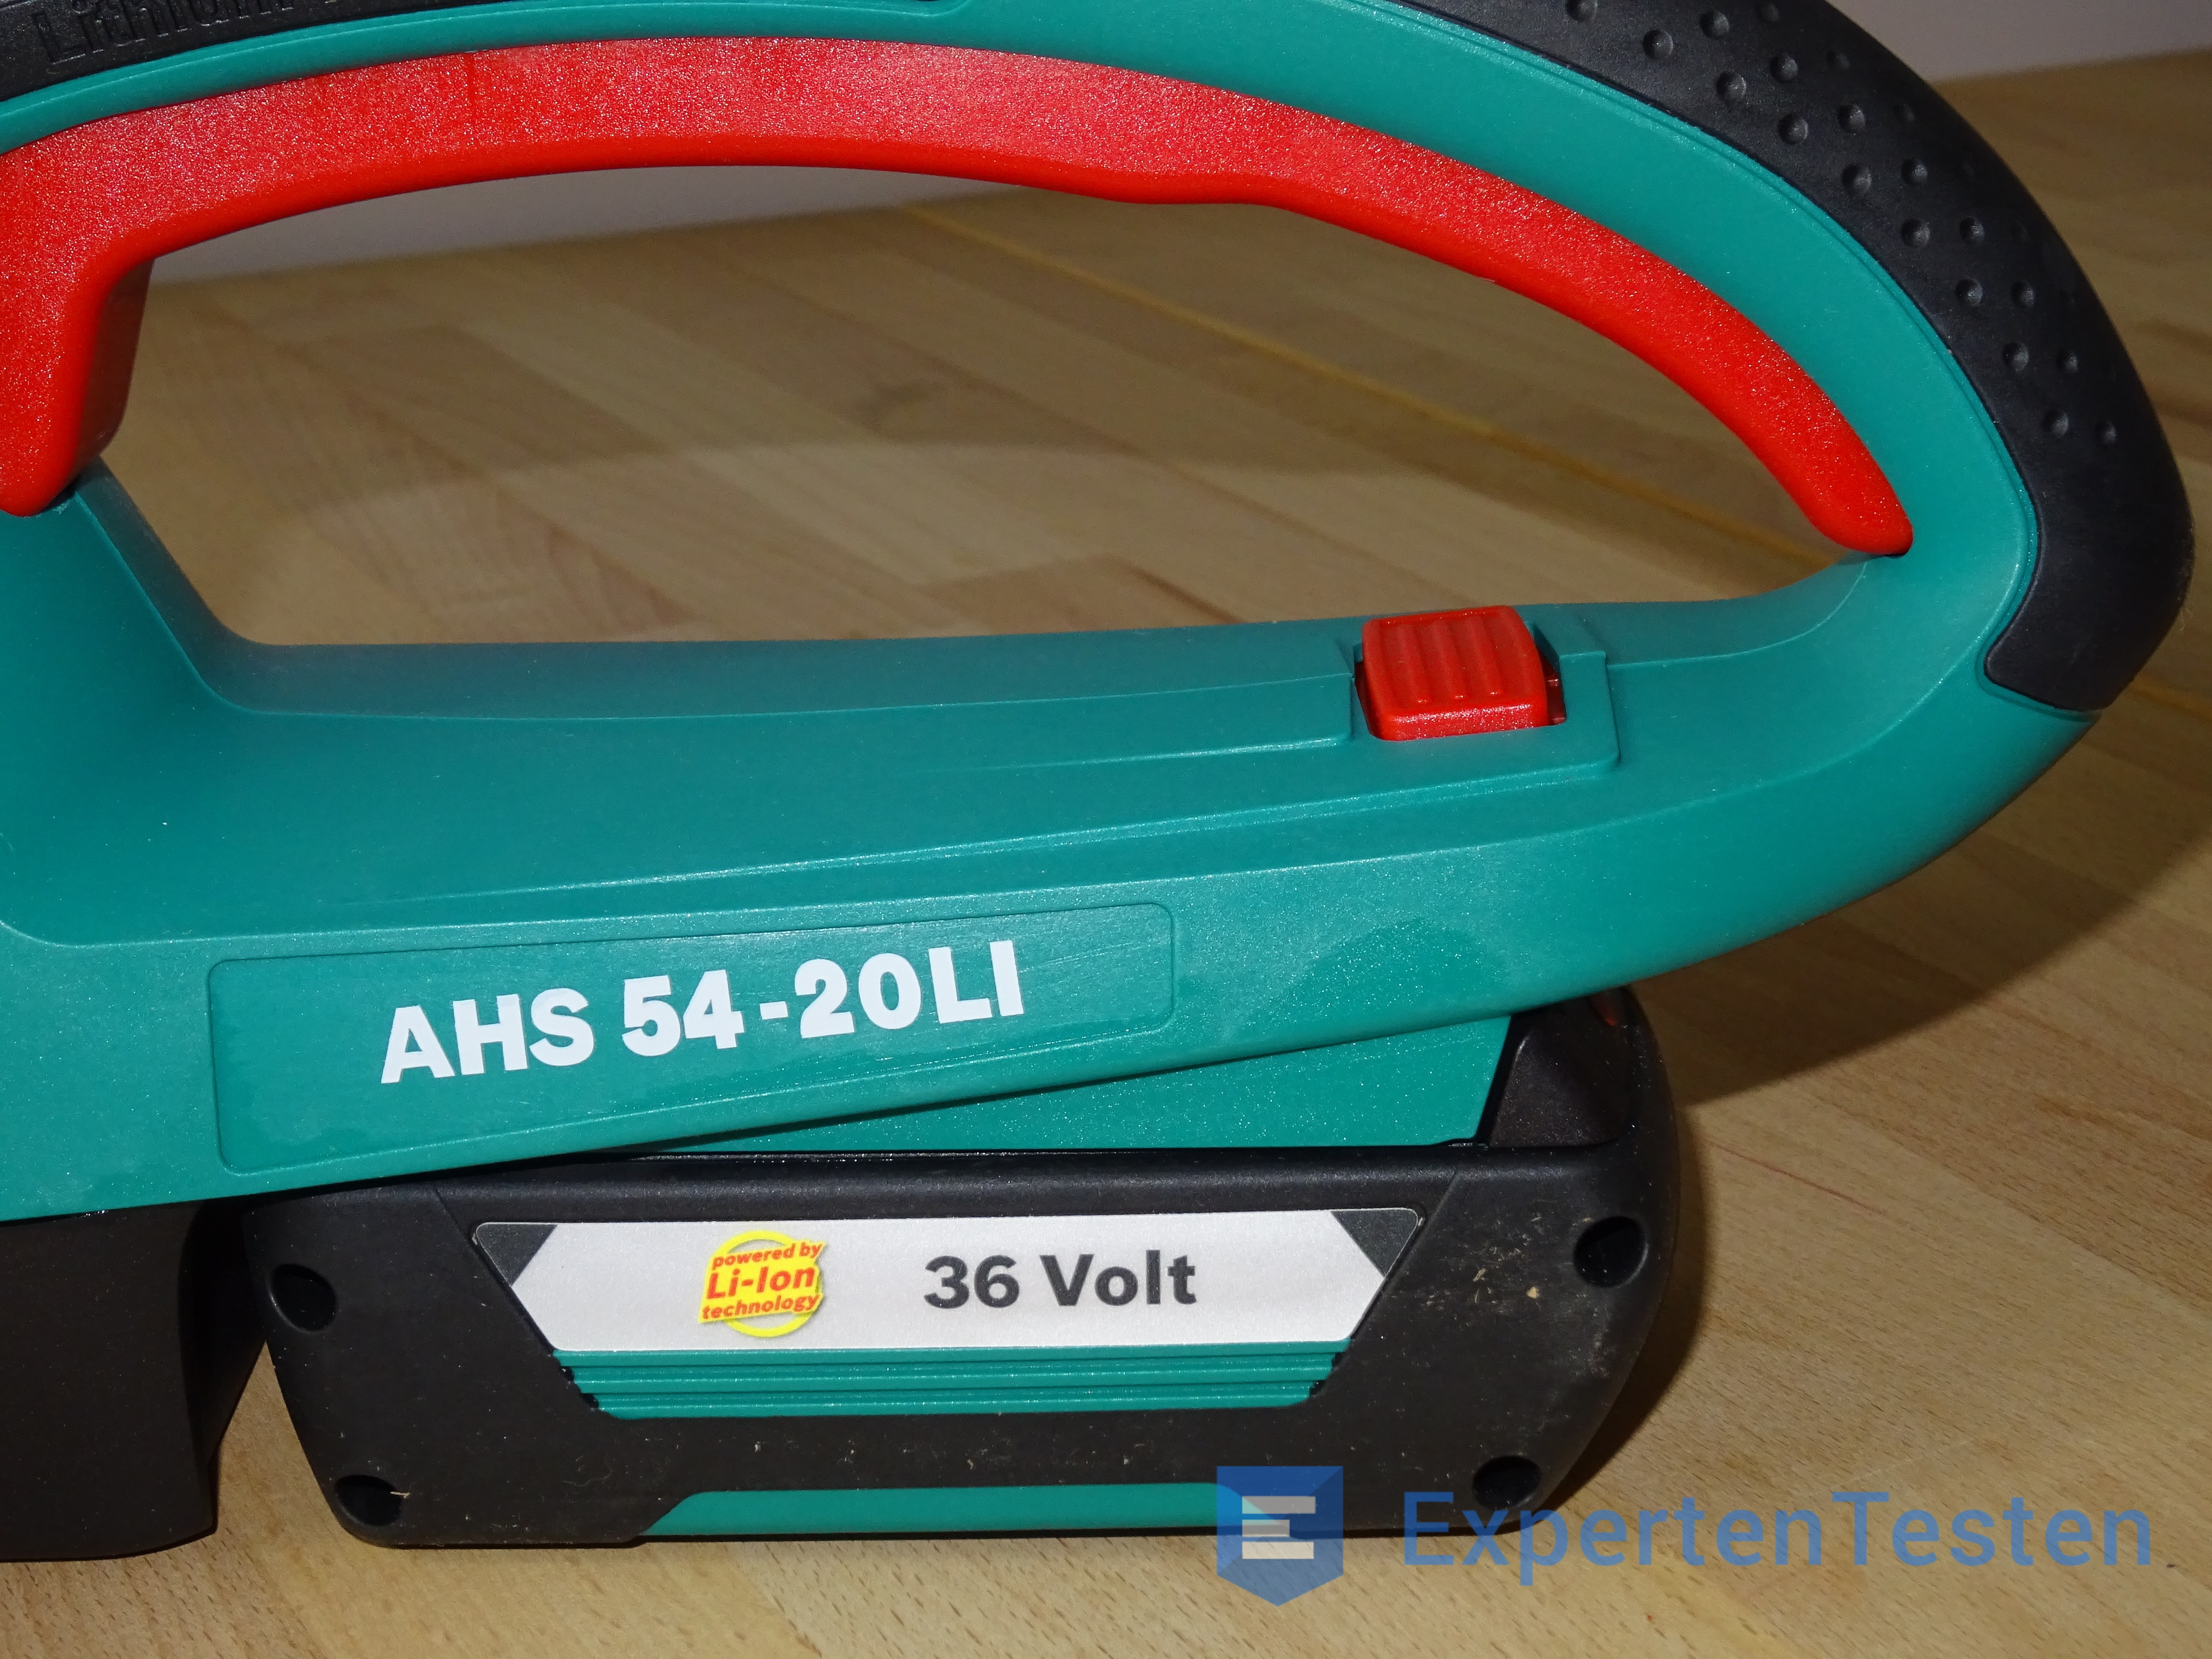 Griff der Akku-Heckenschere AHS 54-20 LI im Detail